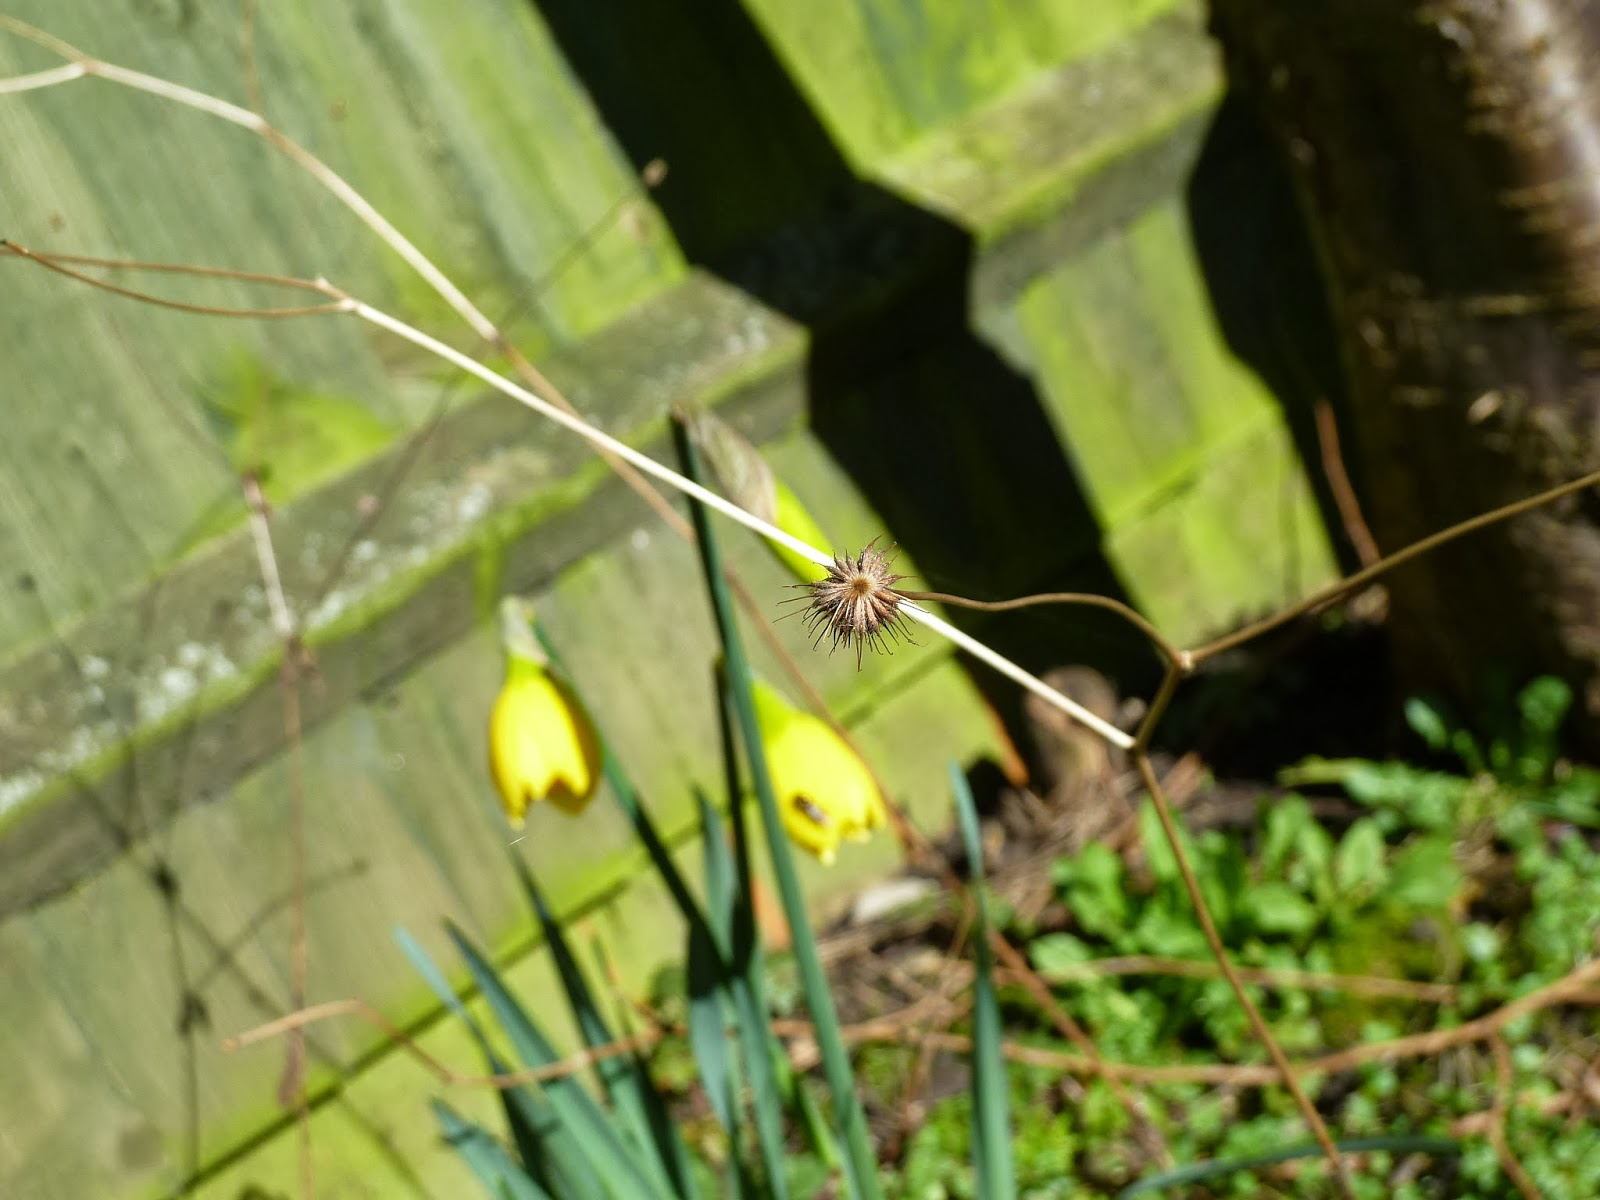 Seedhead and daffodil buds